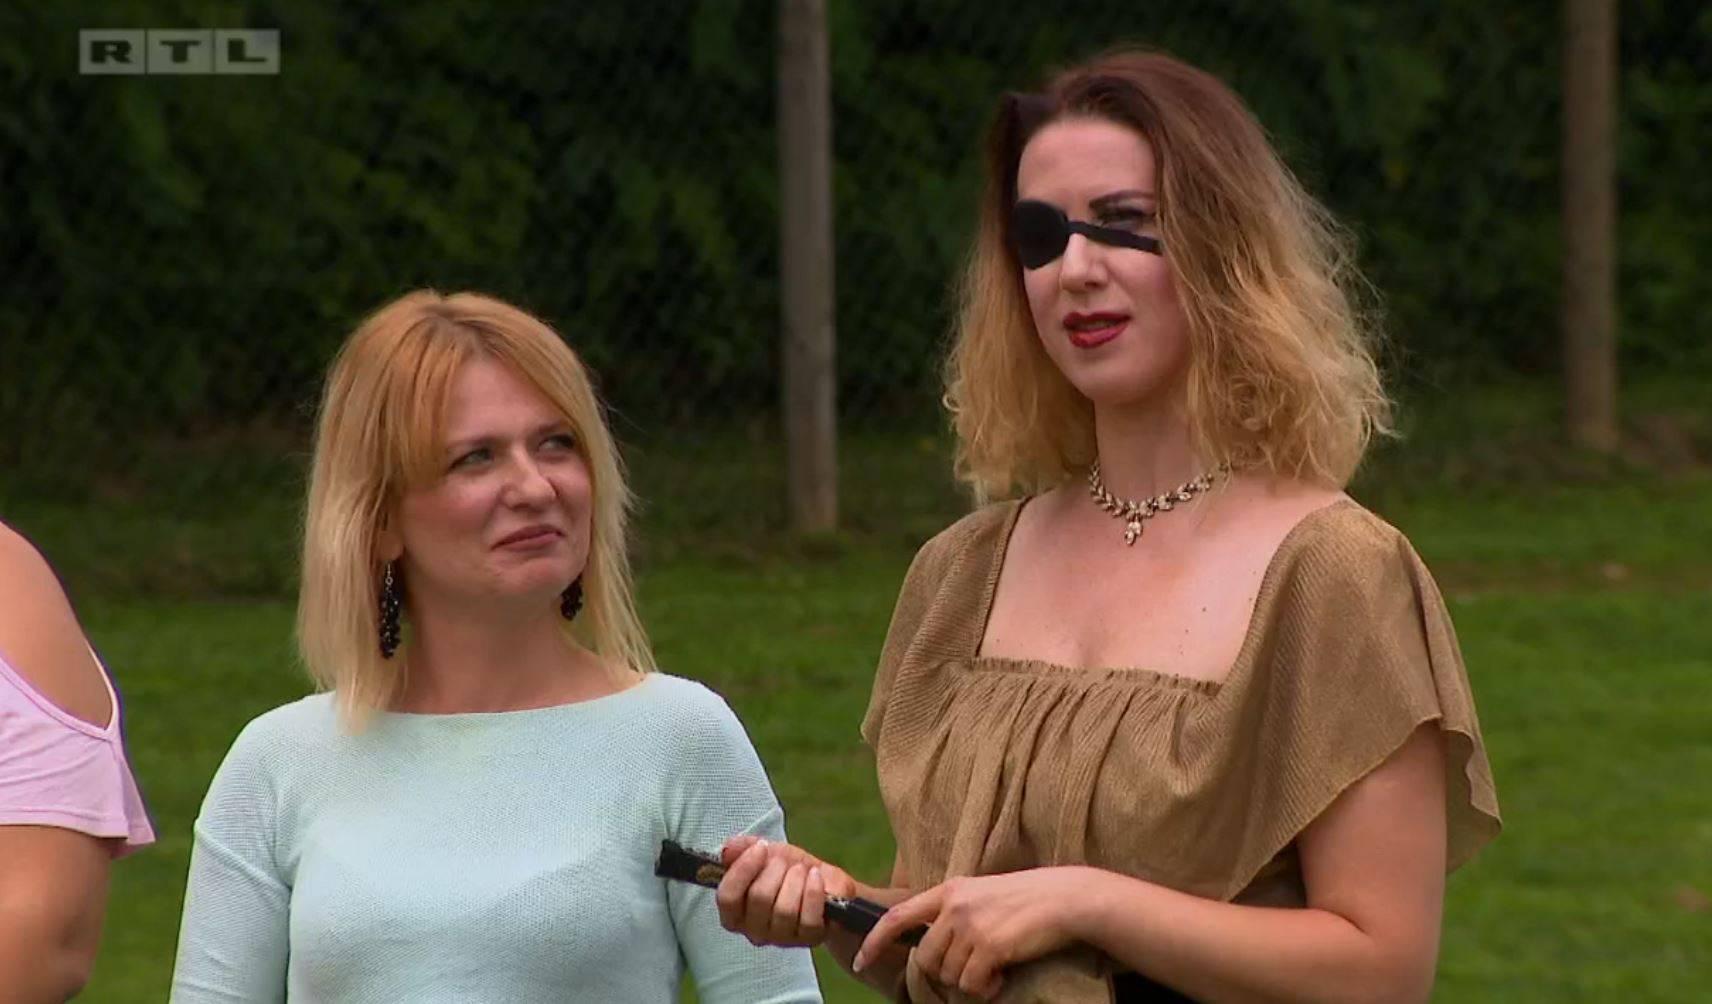 Neugodni brzi spojevi: Ivanka došla s povezom preko oka...